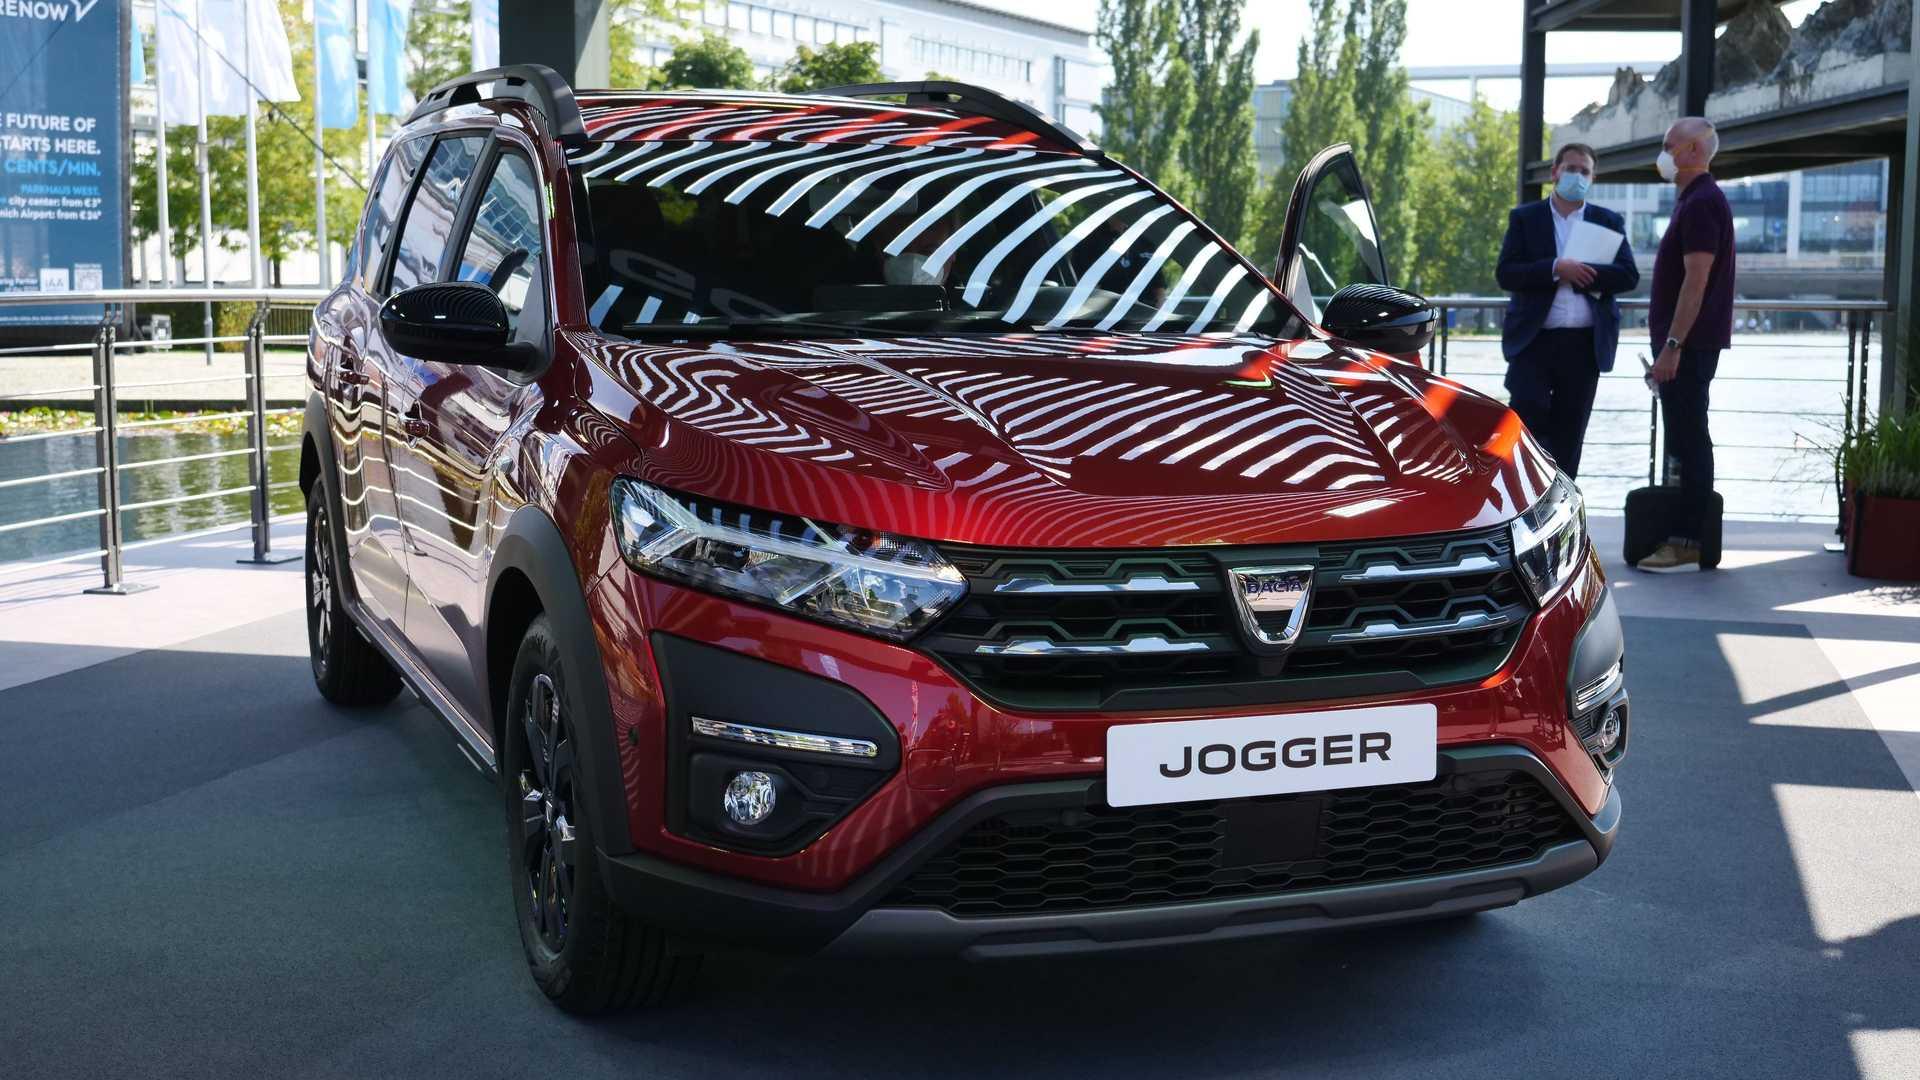 У Dacia в Европе все очень хорошо: в июле этого года Sandero обошел Volkswagen Golf по продажам. Бренд намерен и дальше расширять свою линейку, предлагая автомобили для всех сегментов. Недавно мы узнали про универсал Jogger, а теперь он официально дебютировал в рамках автосалона в Мюнхене.